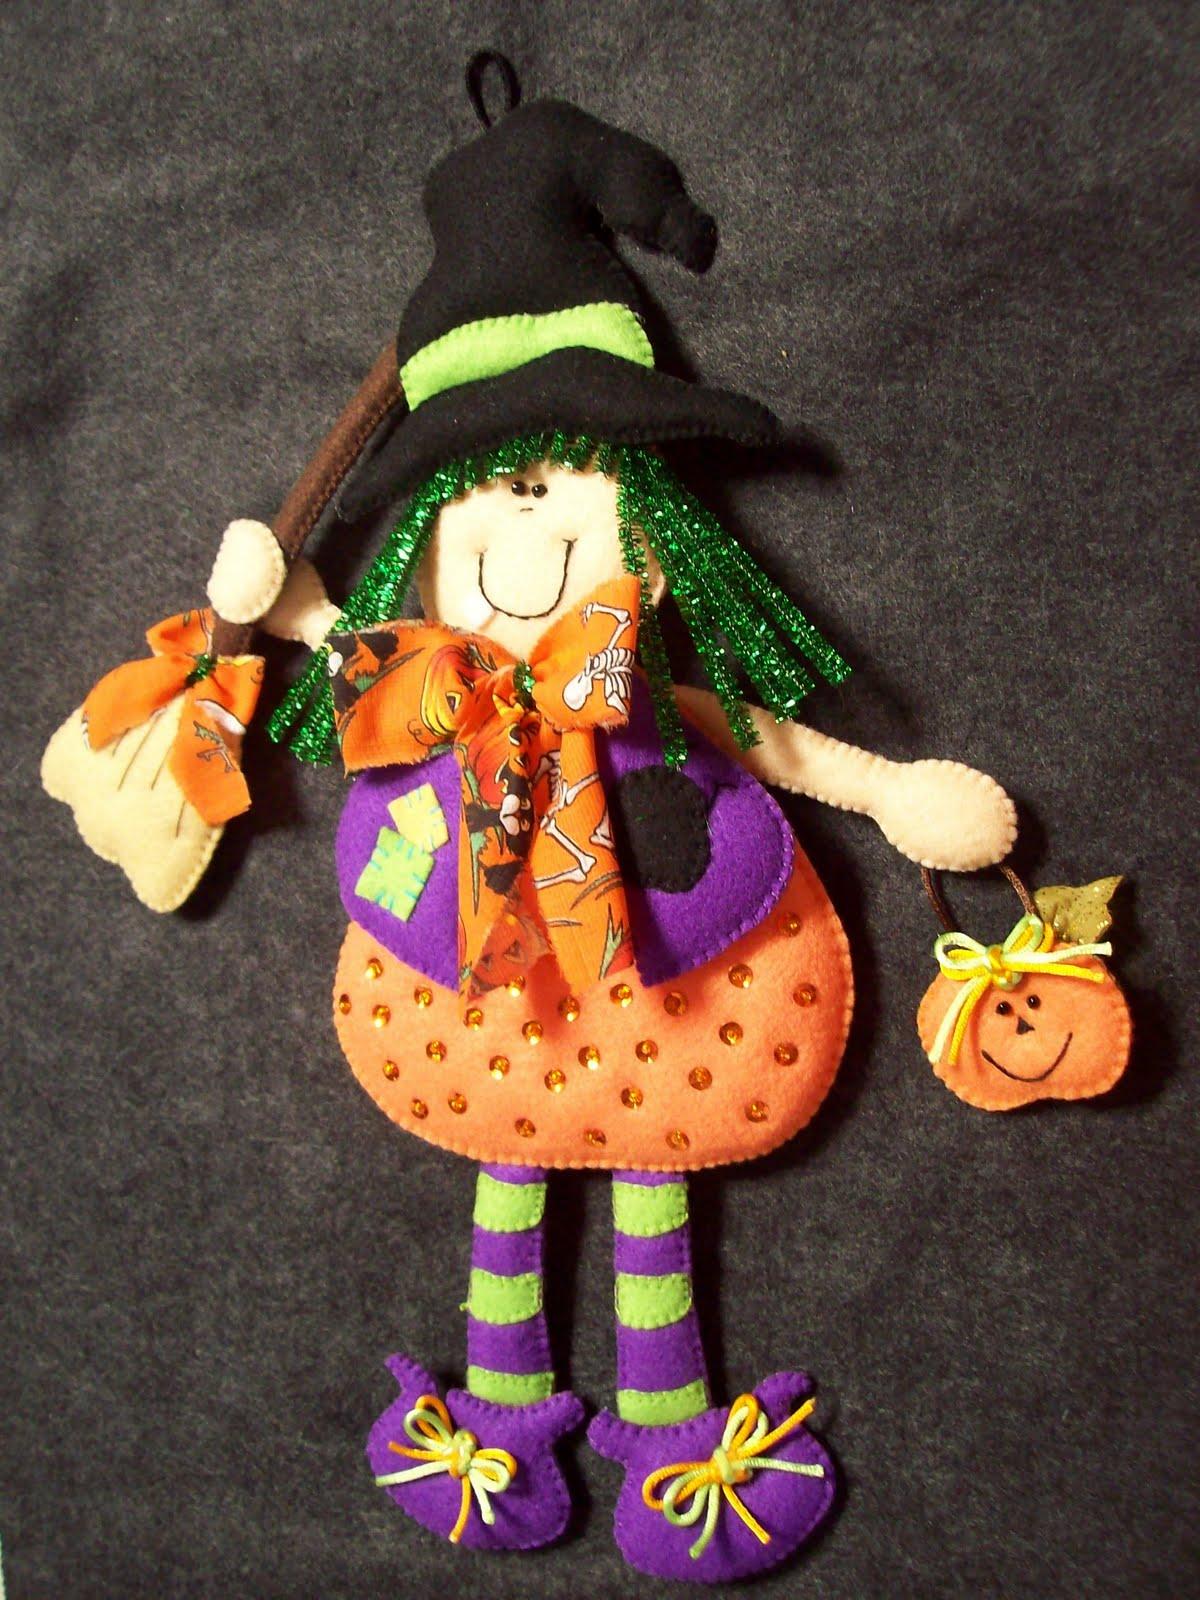 Shexeldetallitos blog de manualidades brujita para halloween - Adornos para halloween ...